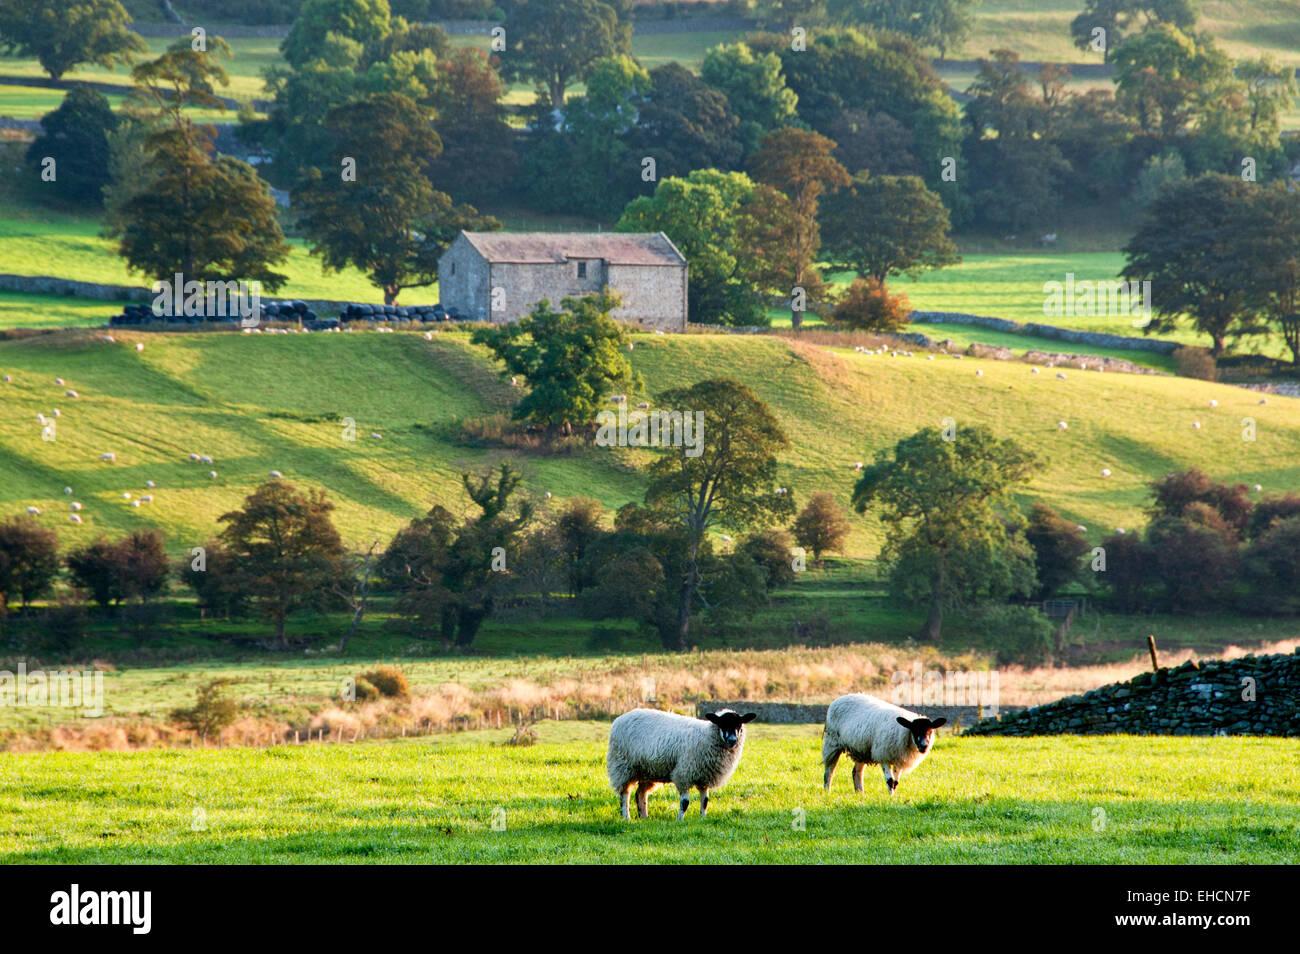 Rolling Countryside, Near Worton, Wensleydale, Yorkshire Dales National Park, Yorkshire, England, UK - Stock Image